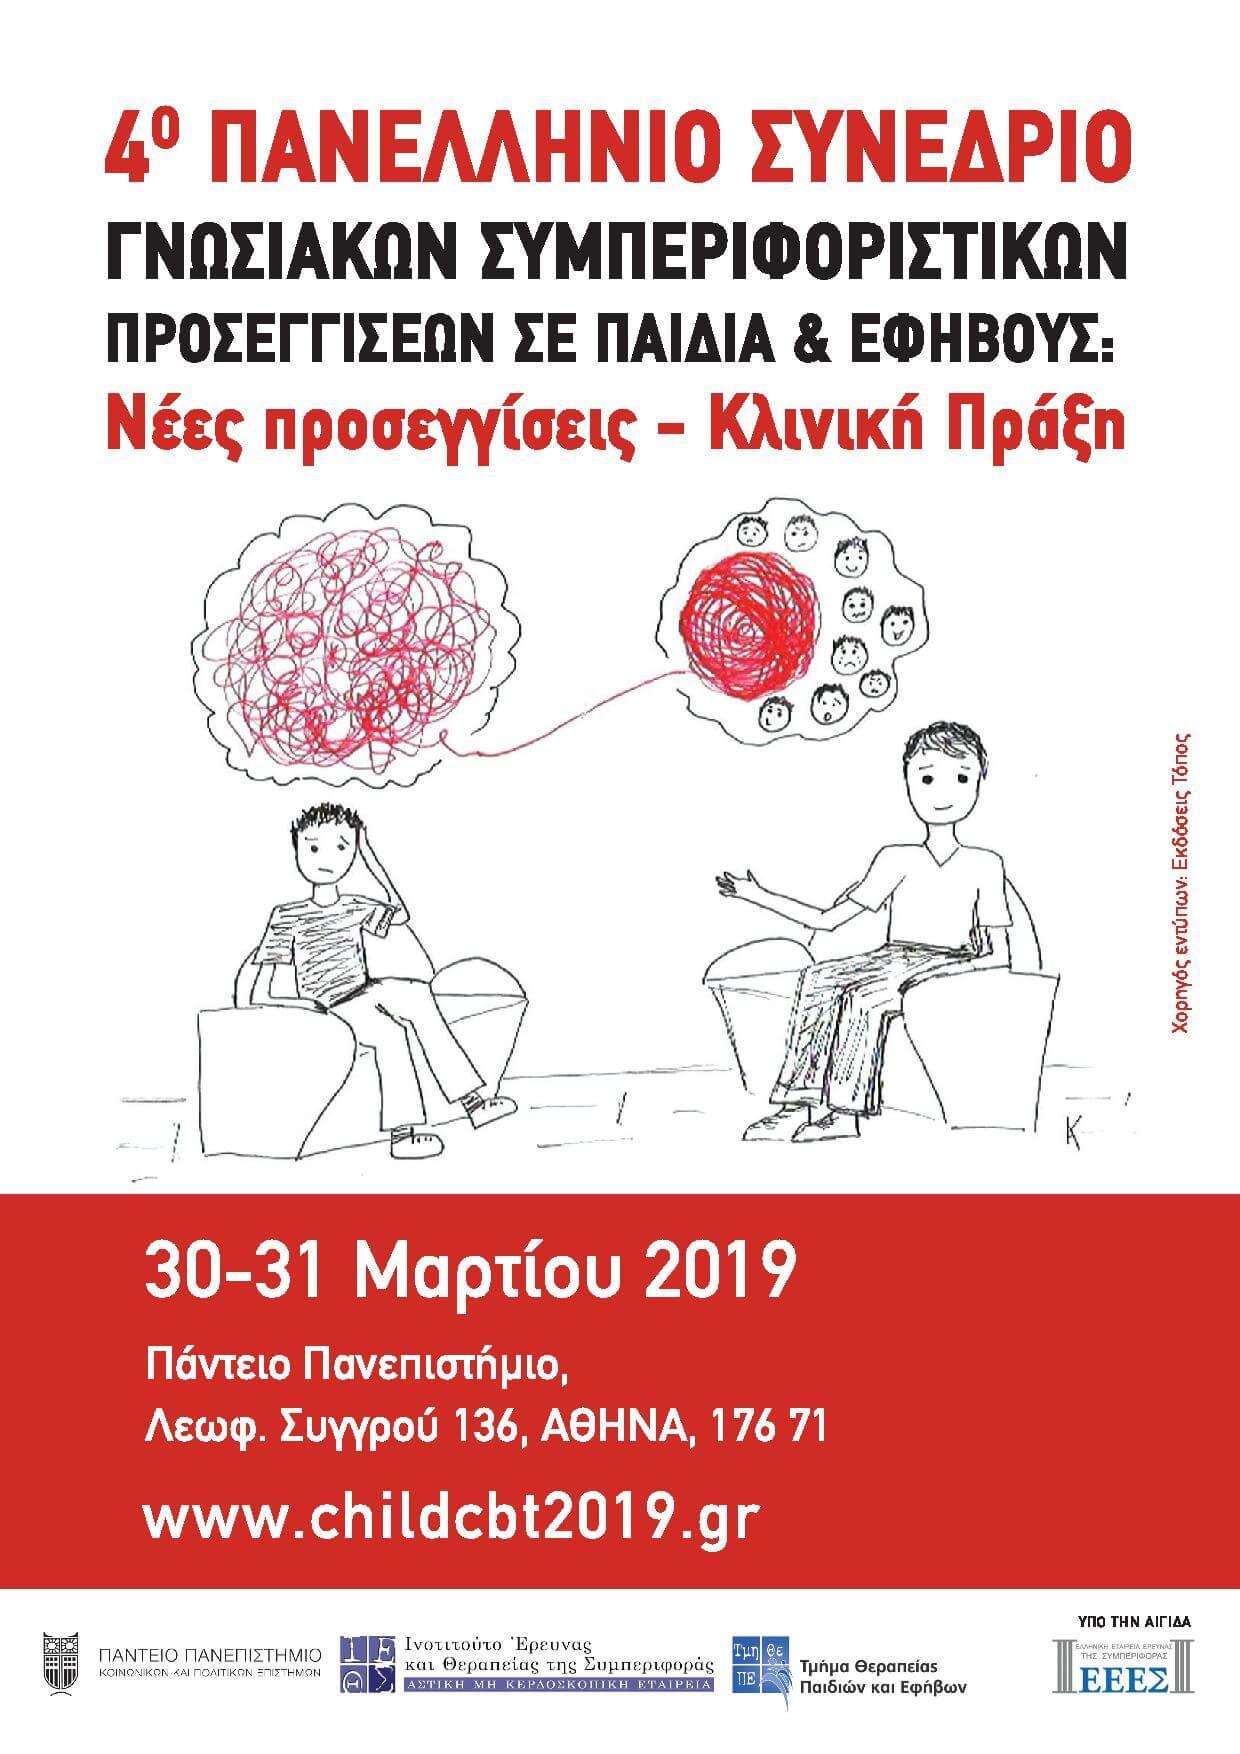 4ο Πανελλήνιο Συνέδριο Γνωσιακών Συμπεριφοριστικών Προσεγγίσεων σε Παιδιά και Εφήβους